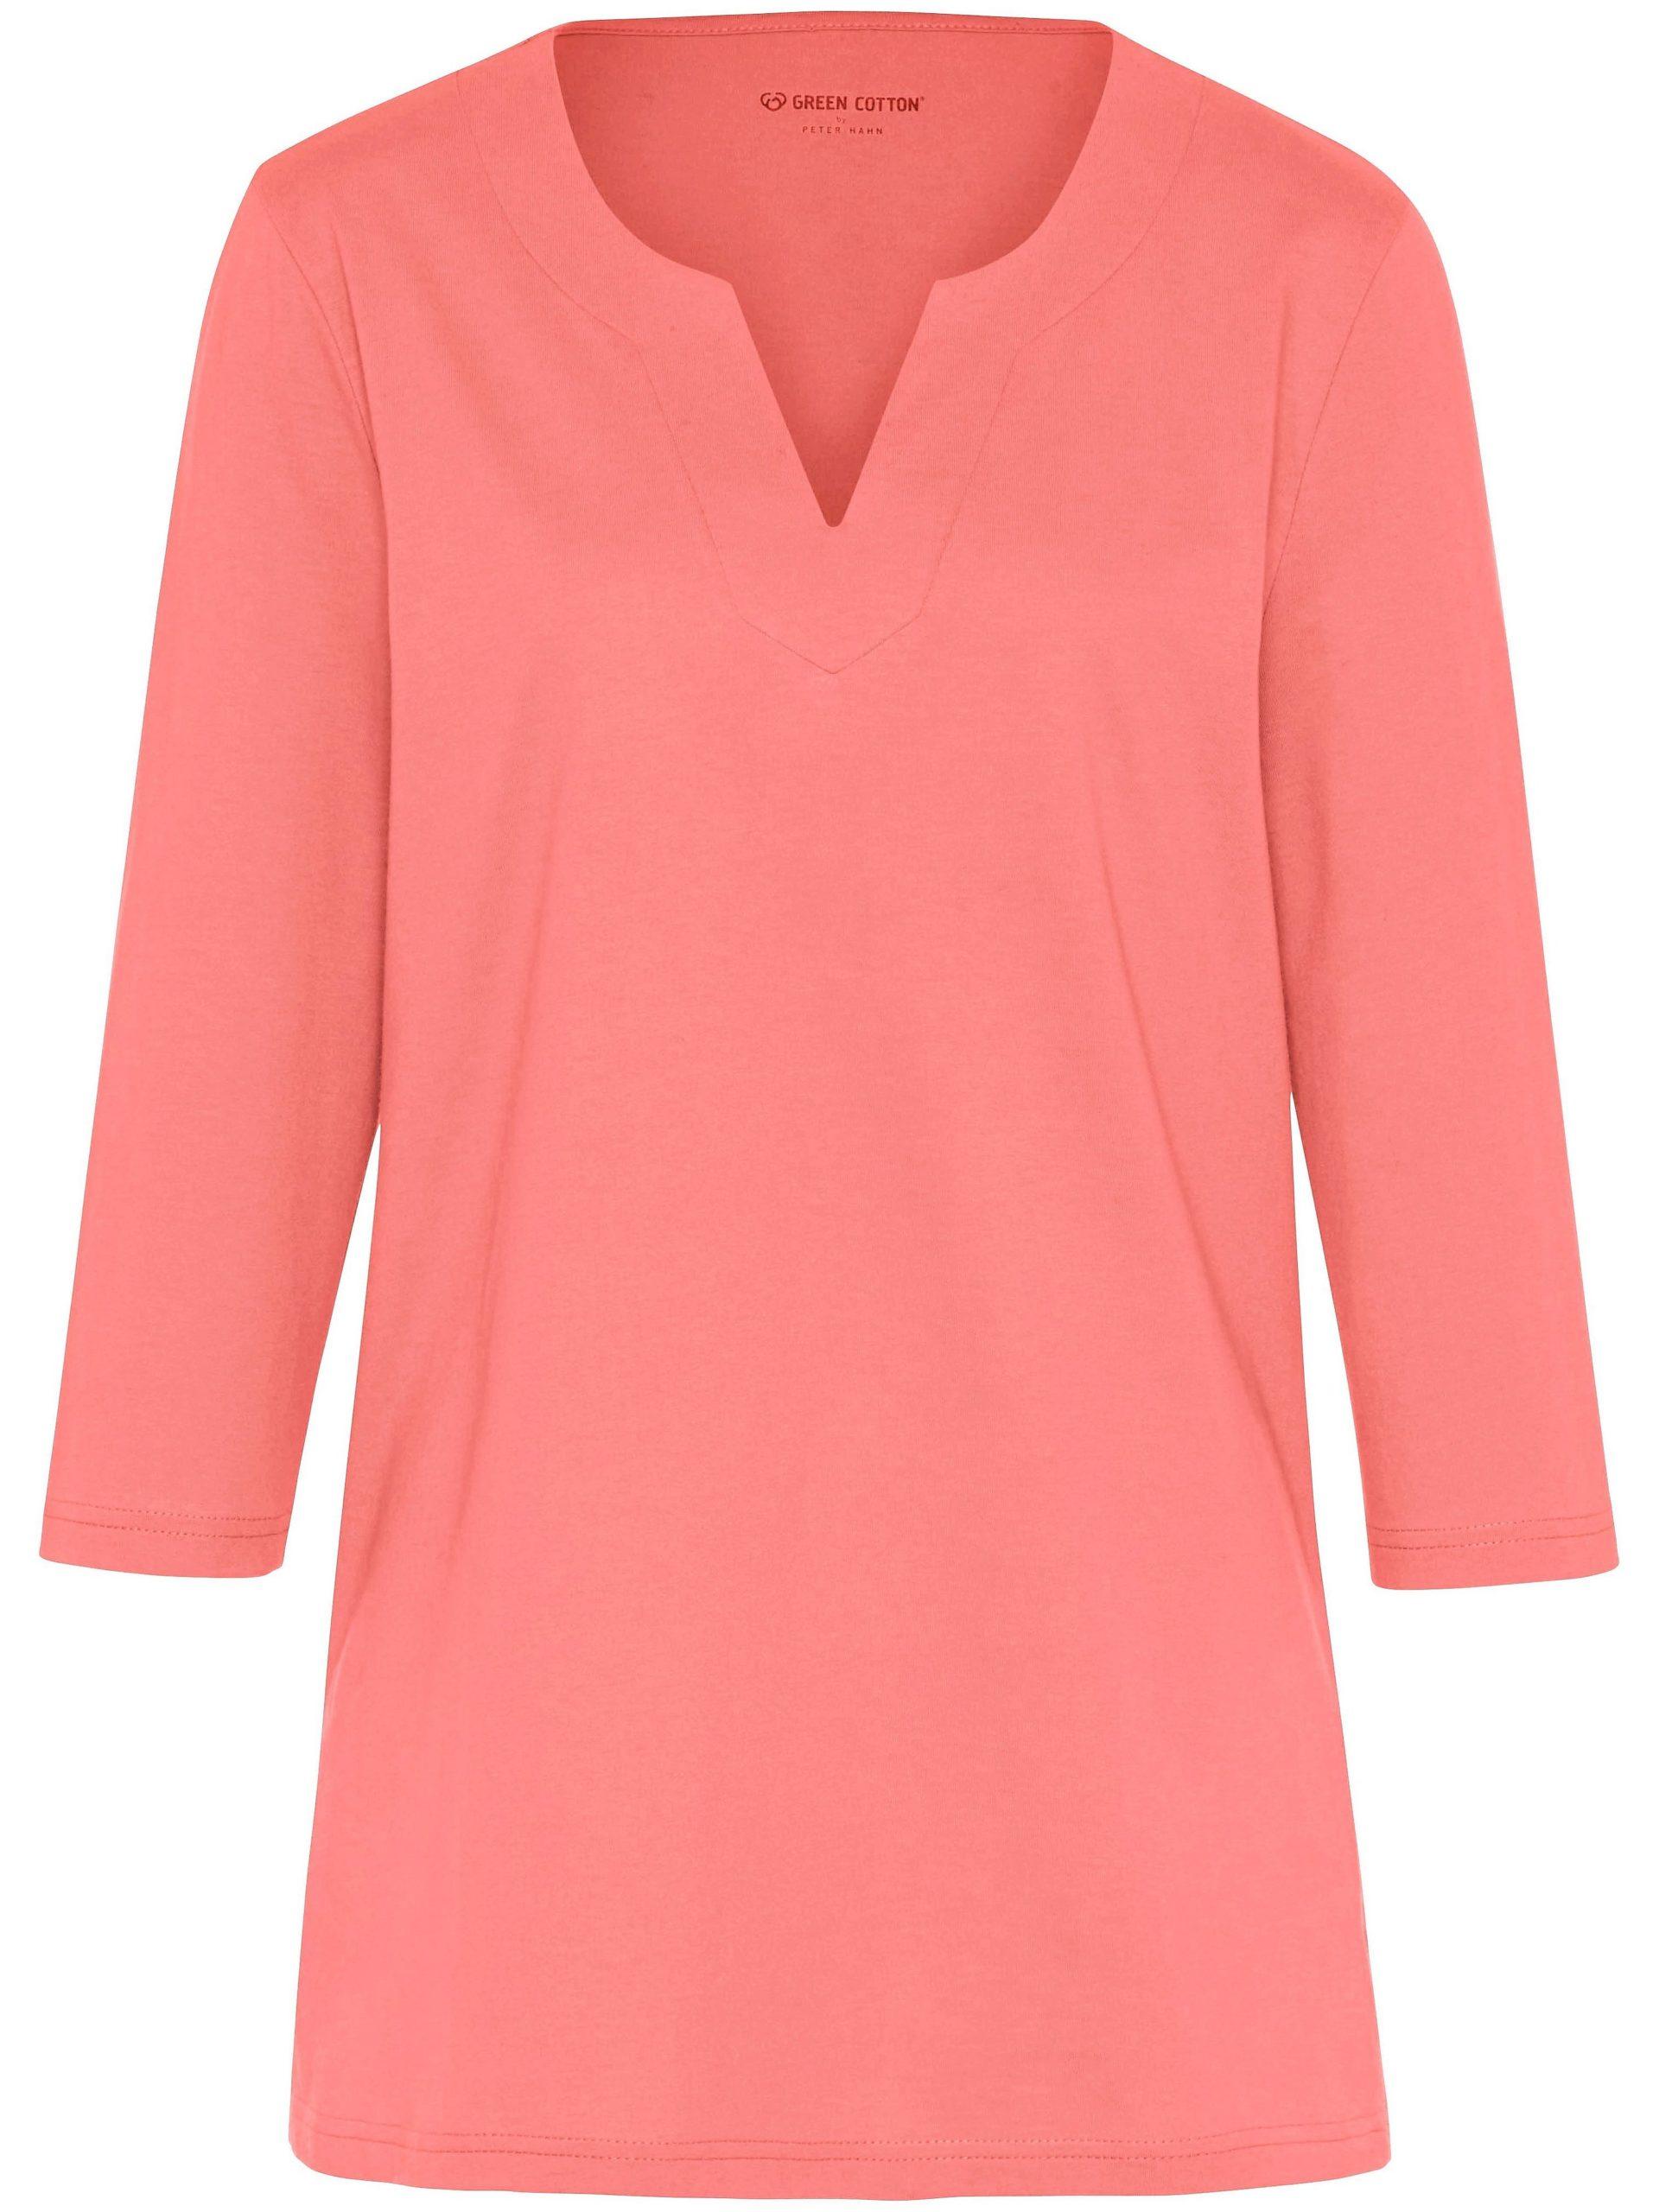 Shirt met 3/4-mouwen Van Green Cotton oranje Kopen